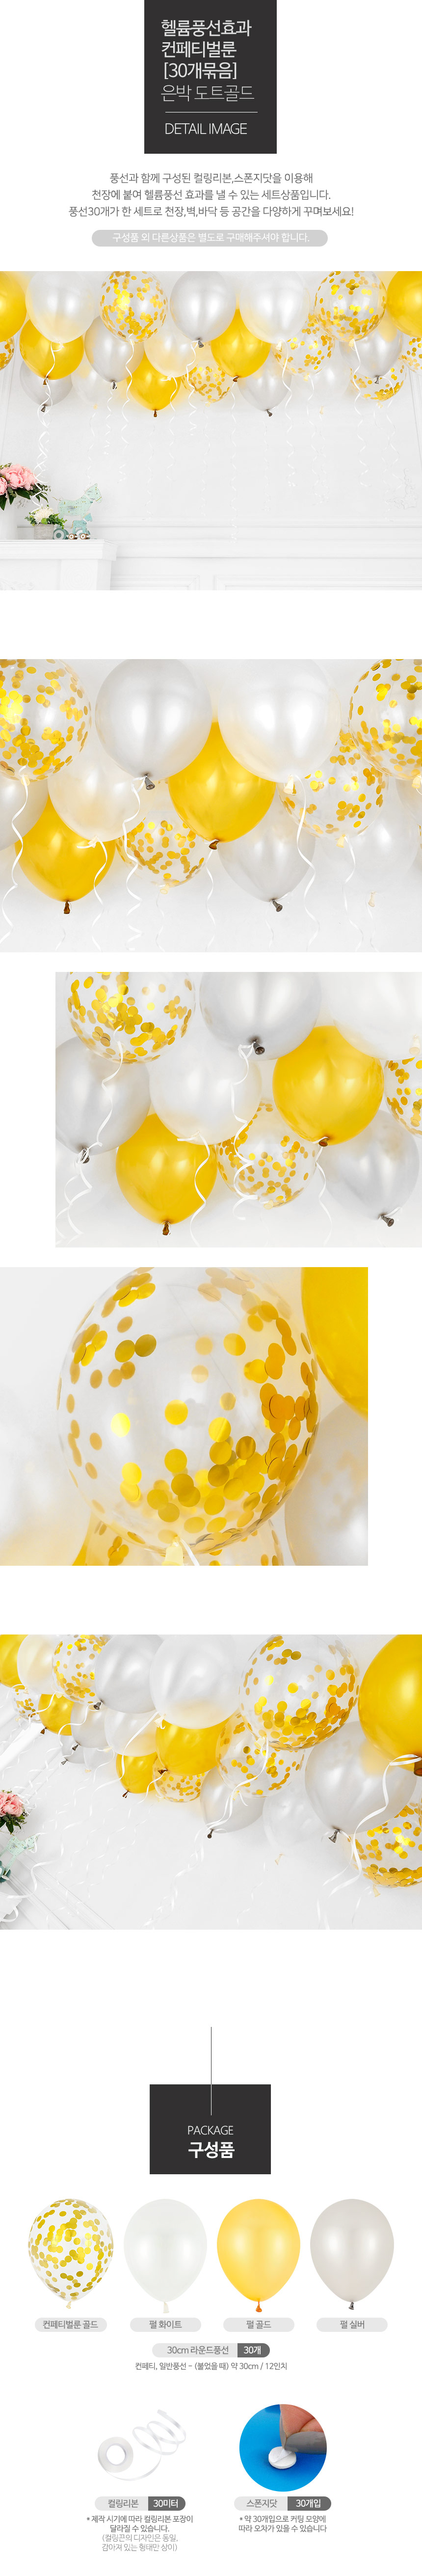 헬륨풍선효과 컨페티벌룬 은박 도트골드 [30개묶음] _partypang - 파티팡, 9,800원, 파티용품, 풍선/세트